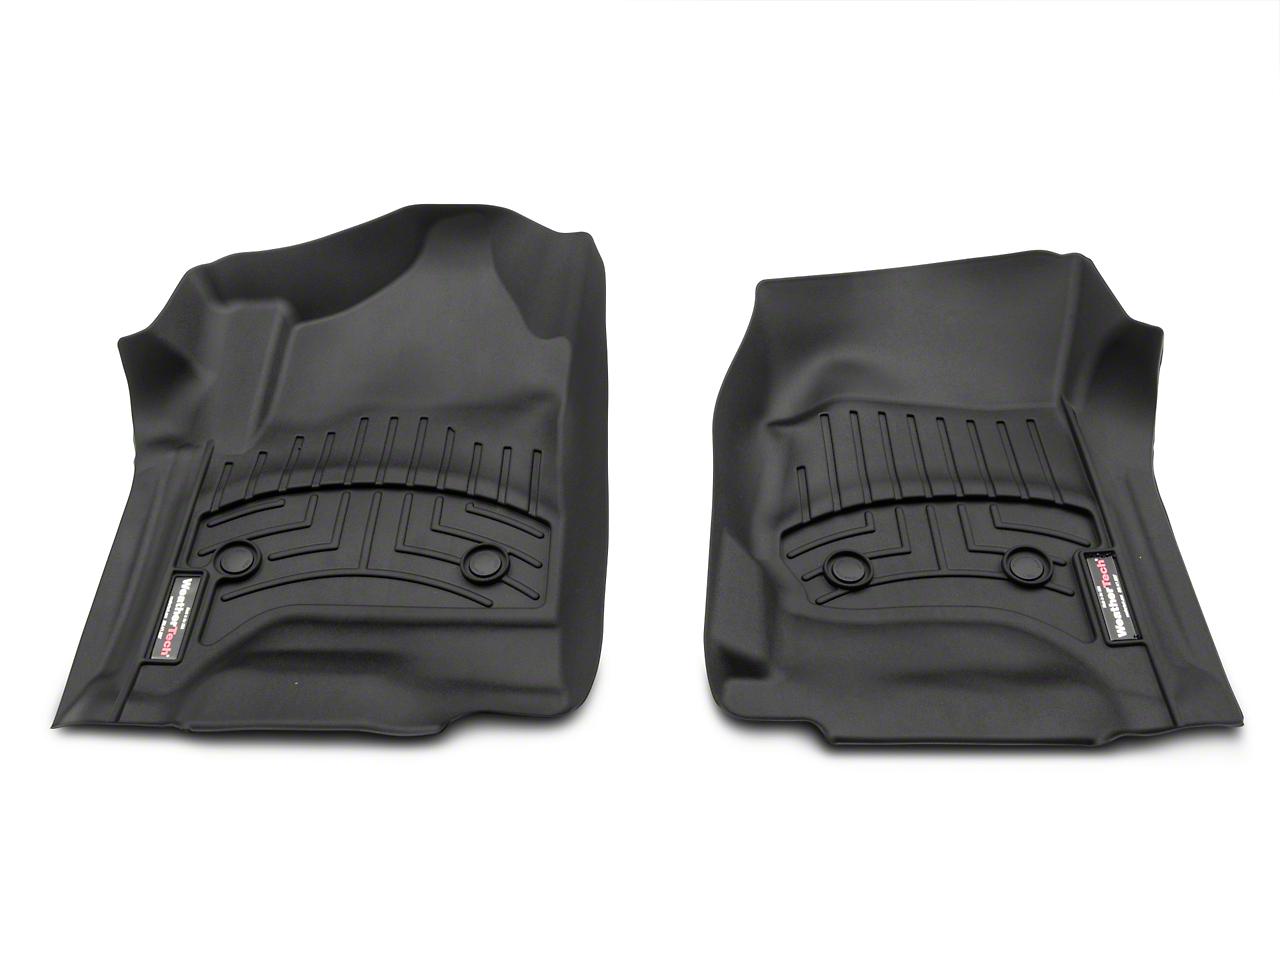 Weathertech DigitalFit Front Floor Liners - Black (14-18 Silverado 1500)